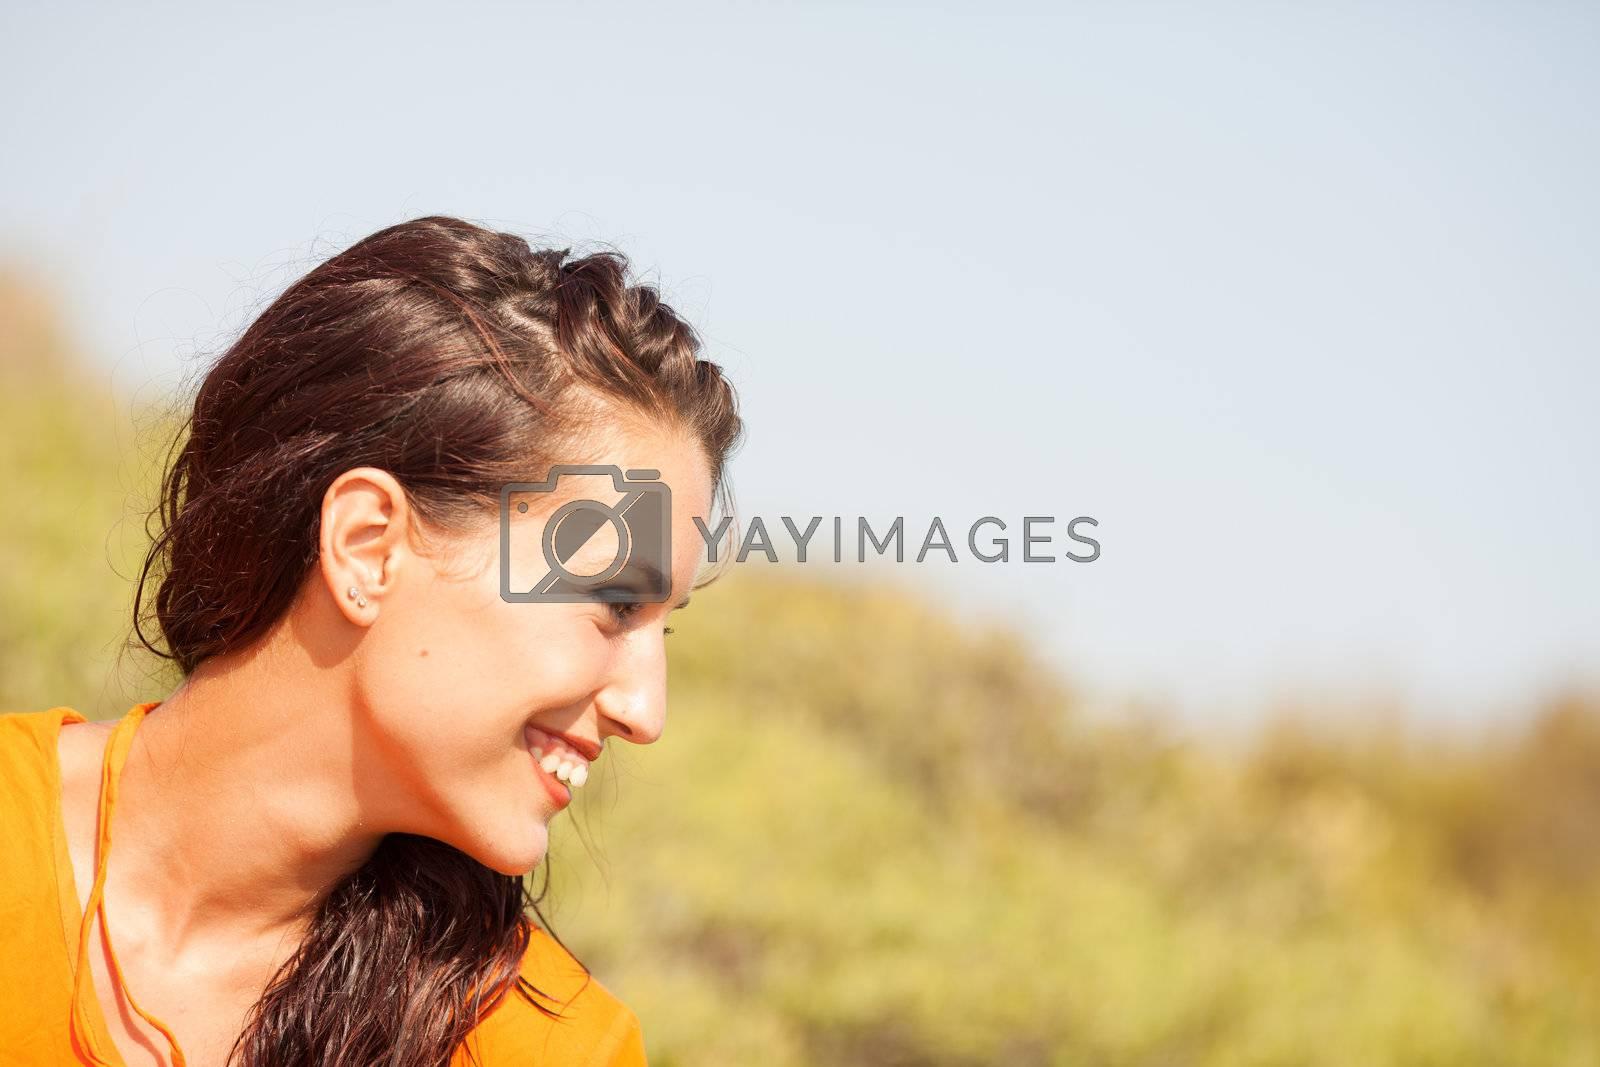 Portrait of young beautiful woman laughing wearing orange shirt